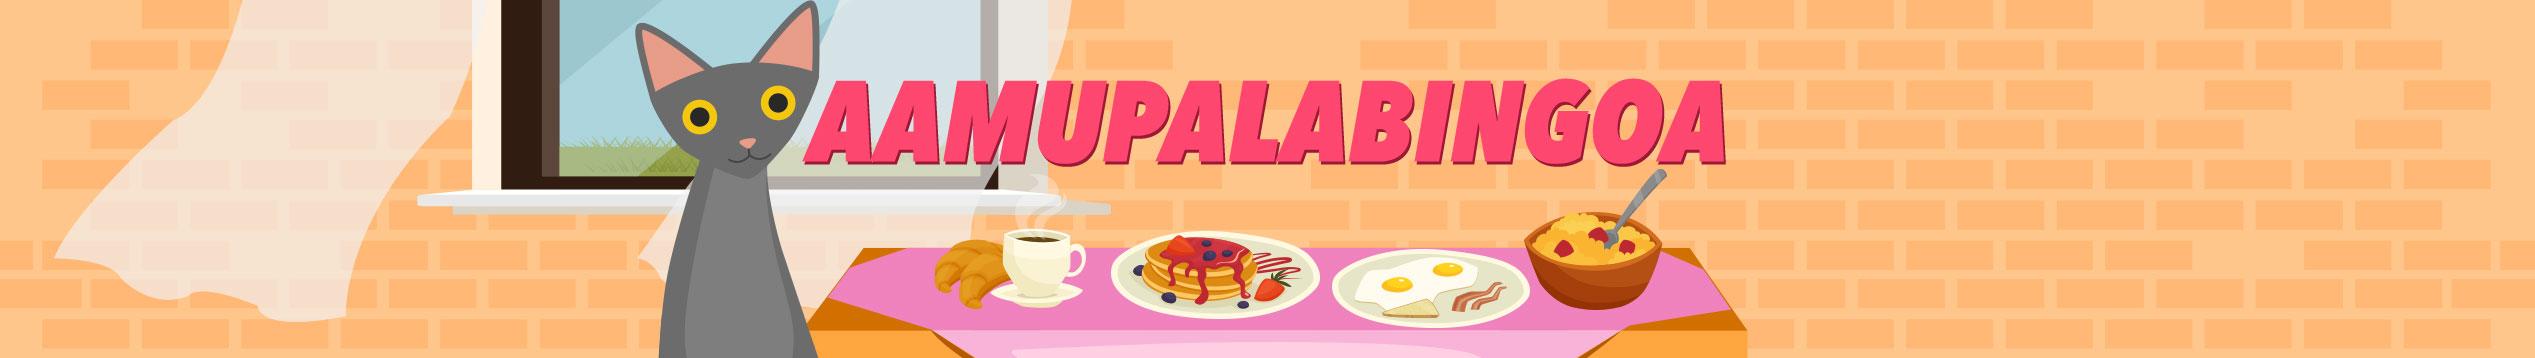 Pelaile aamupalabingoa lauantai ja sunnuntai klo 9-11.